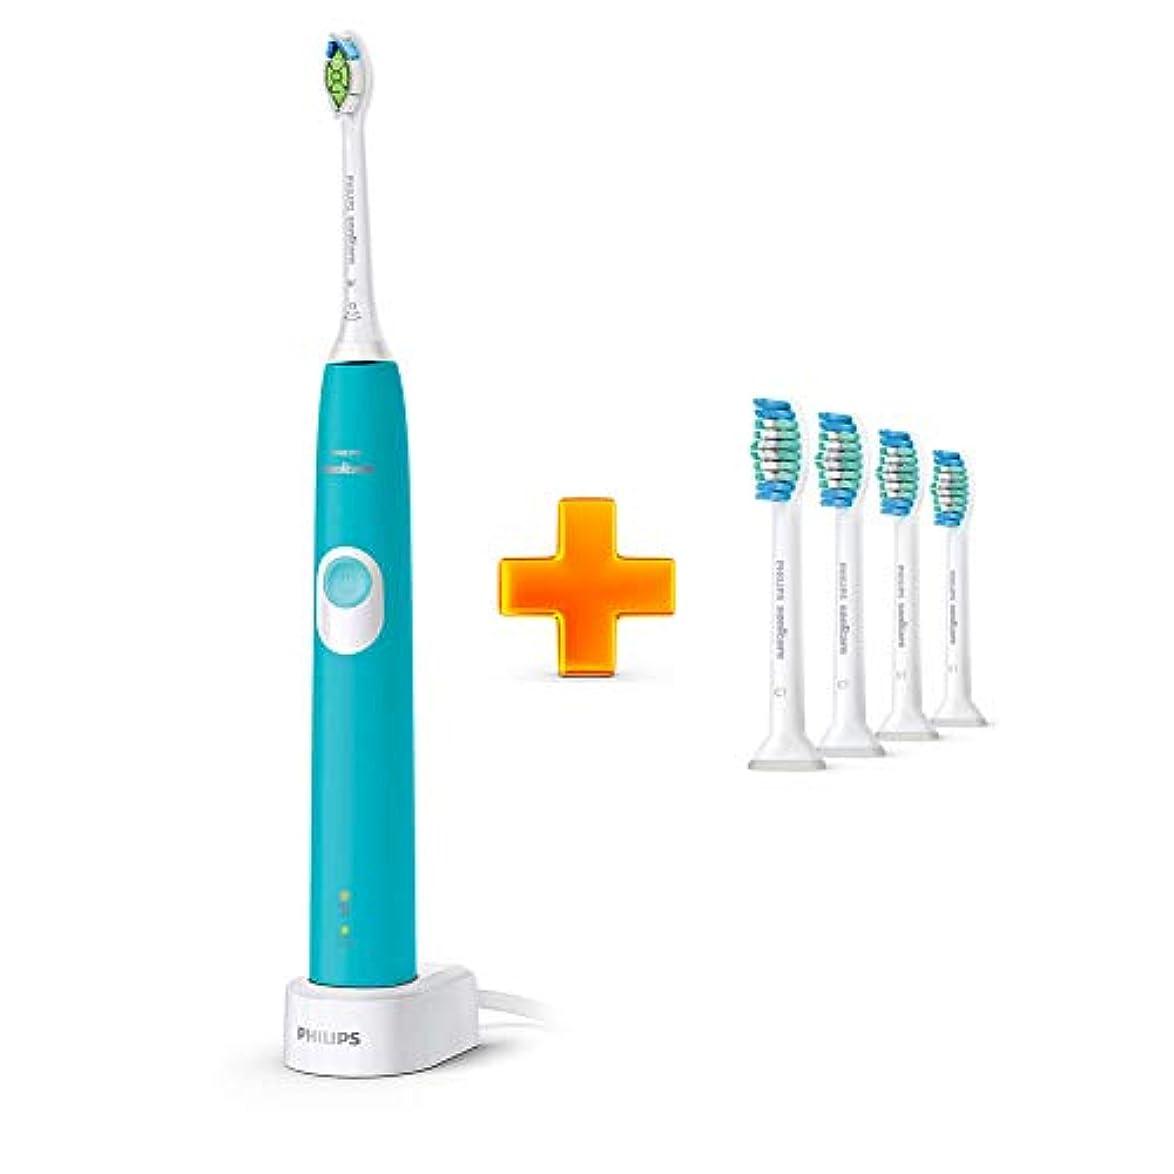 常習者冷酷なマウンドPhilips Sonicare ProtectiveClean 4300 HX6802プラークコントロール、充電式電動歯ブラシTurkey Blue + PRORESULT歯ブラシHX6014 4 PCS [並行輸入品]